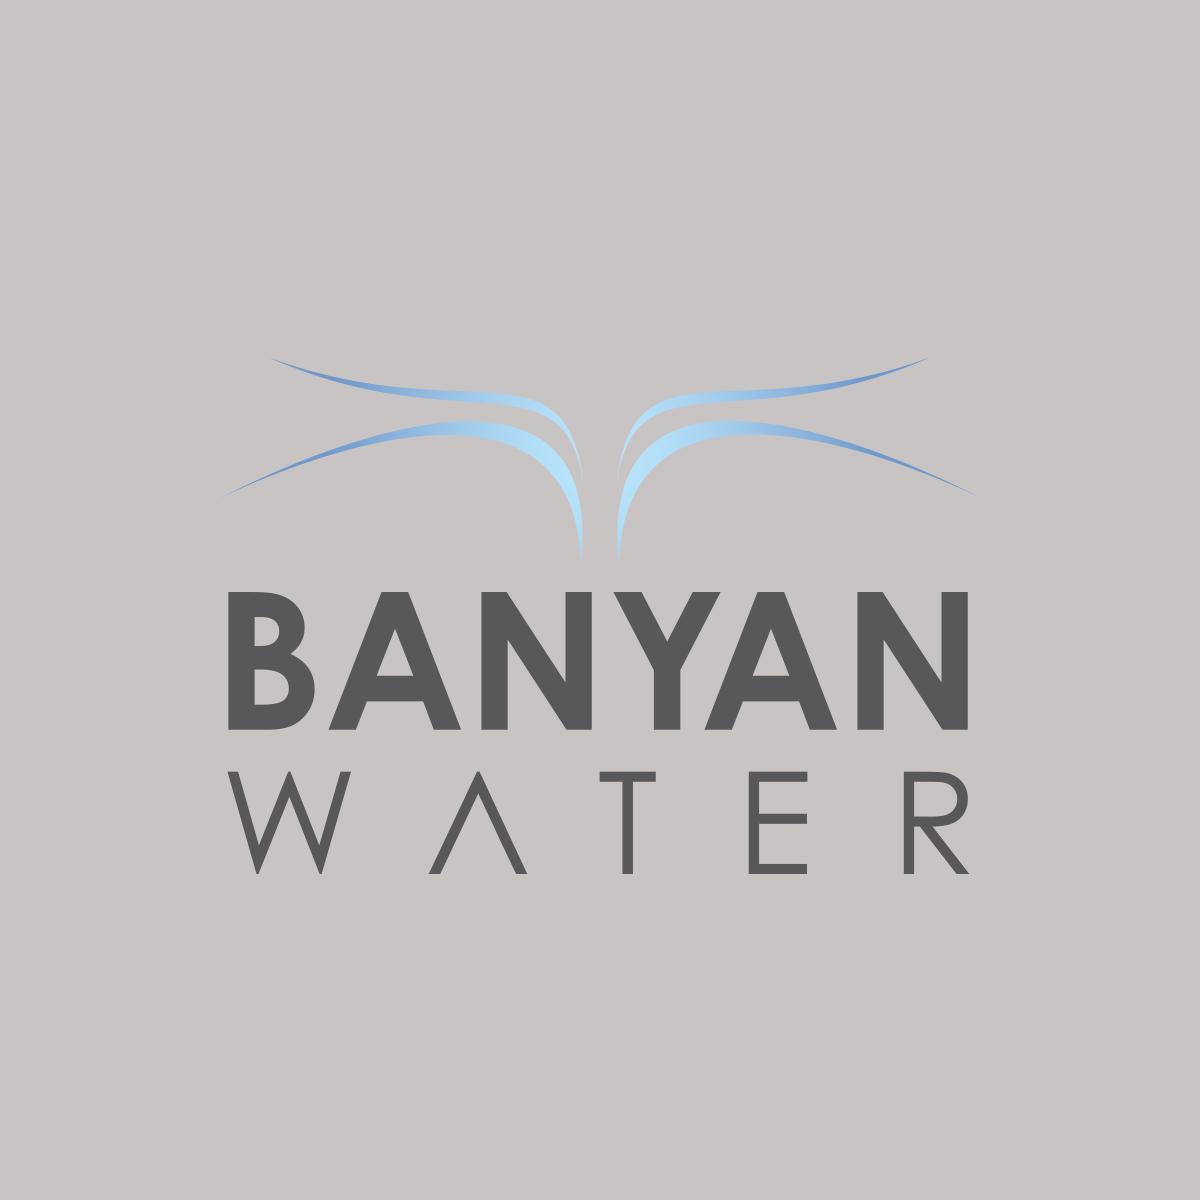 banyanwater.png